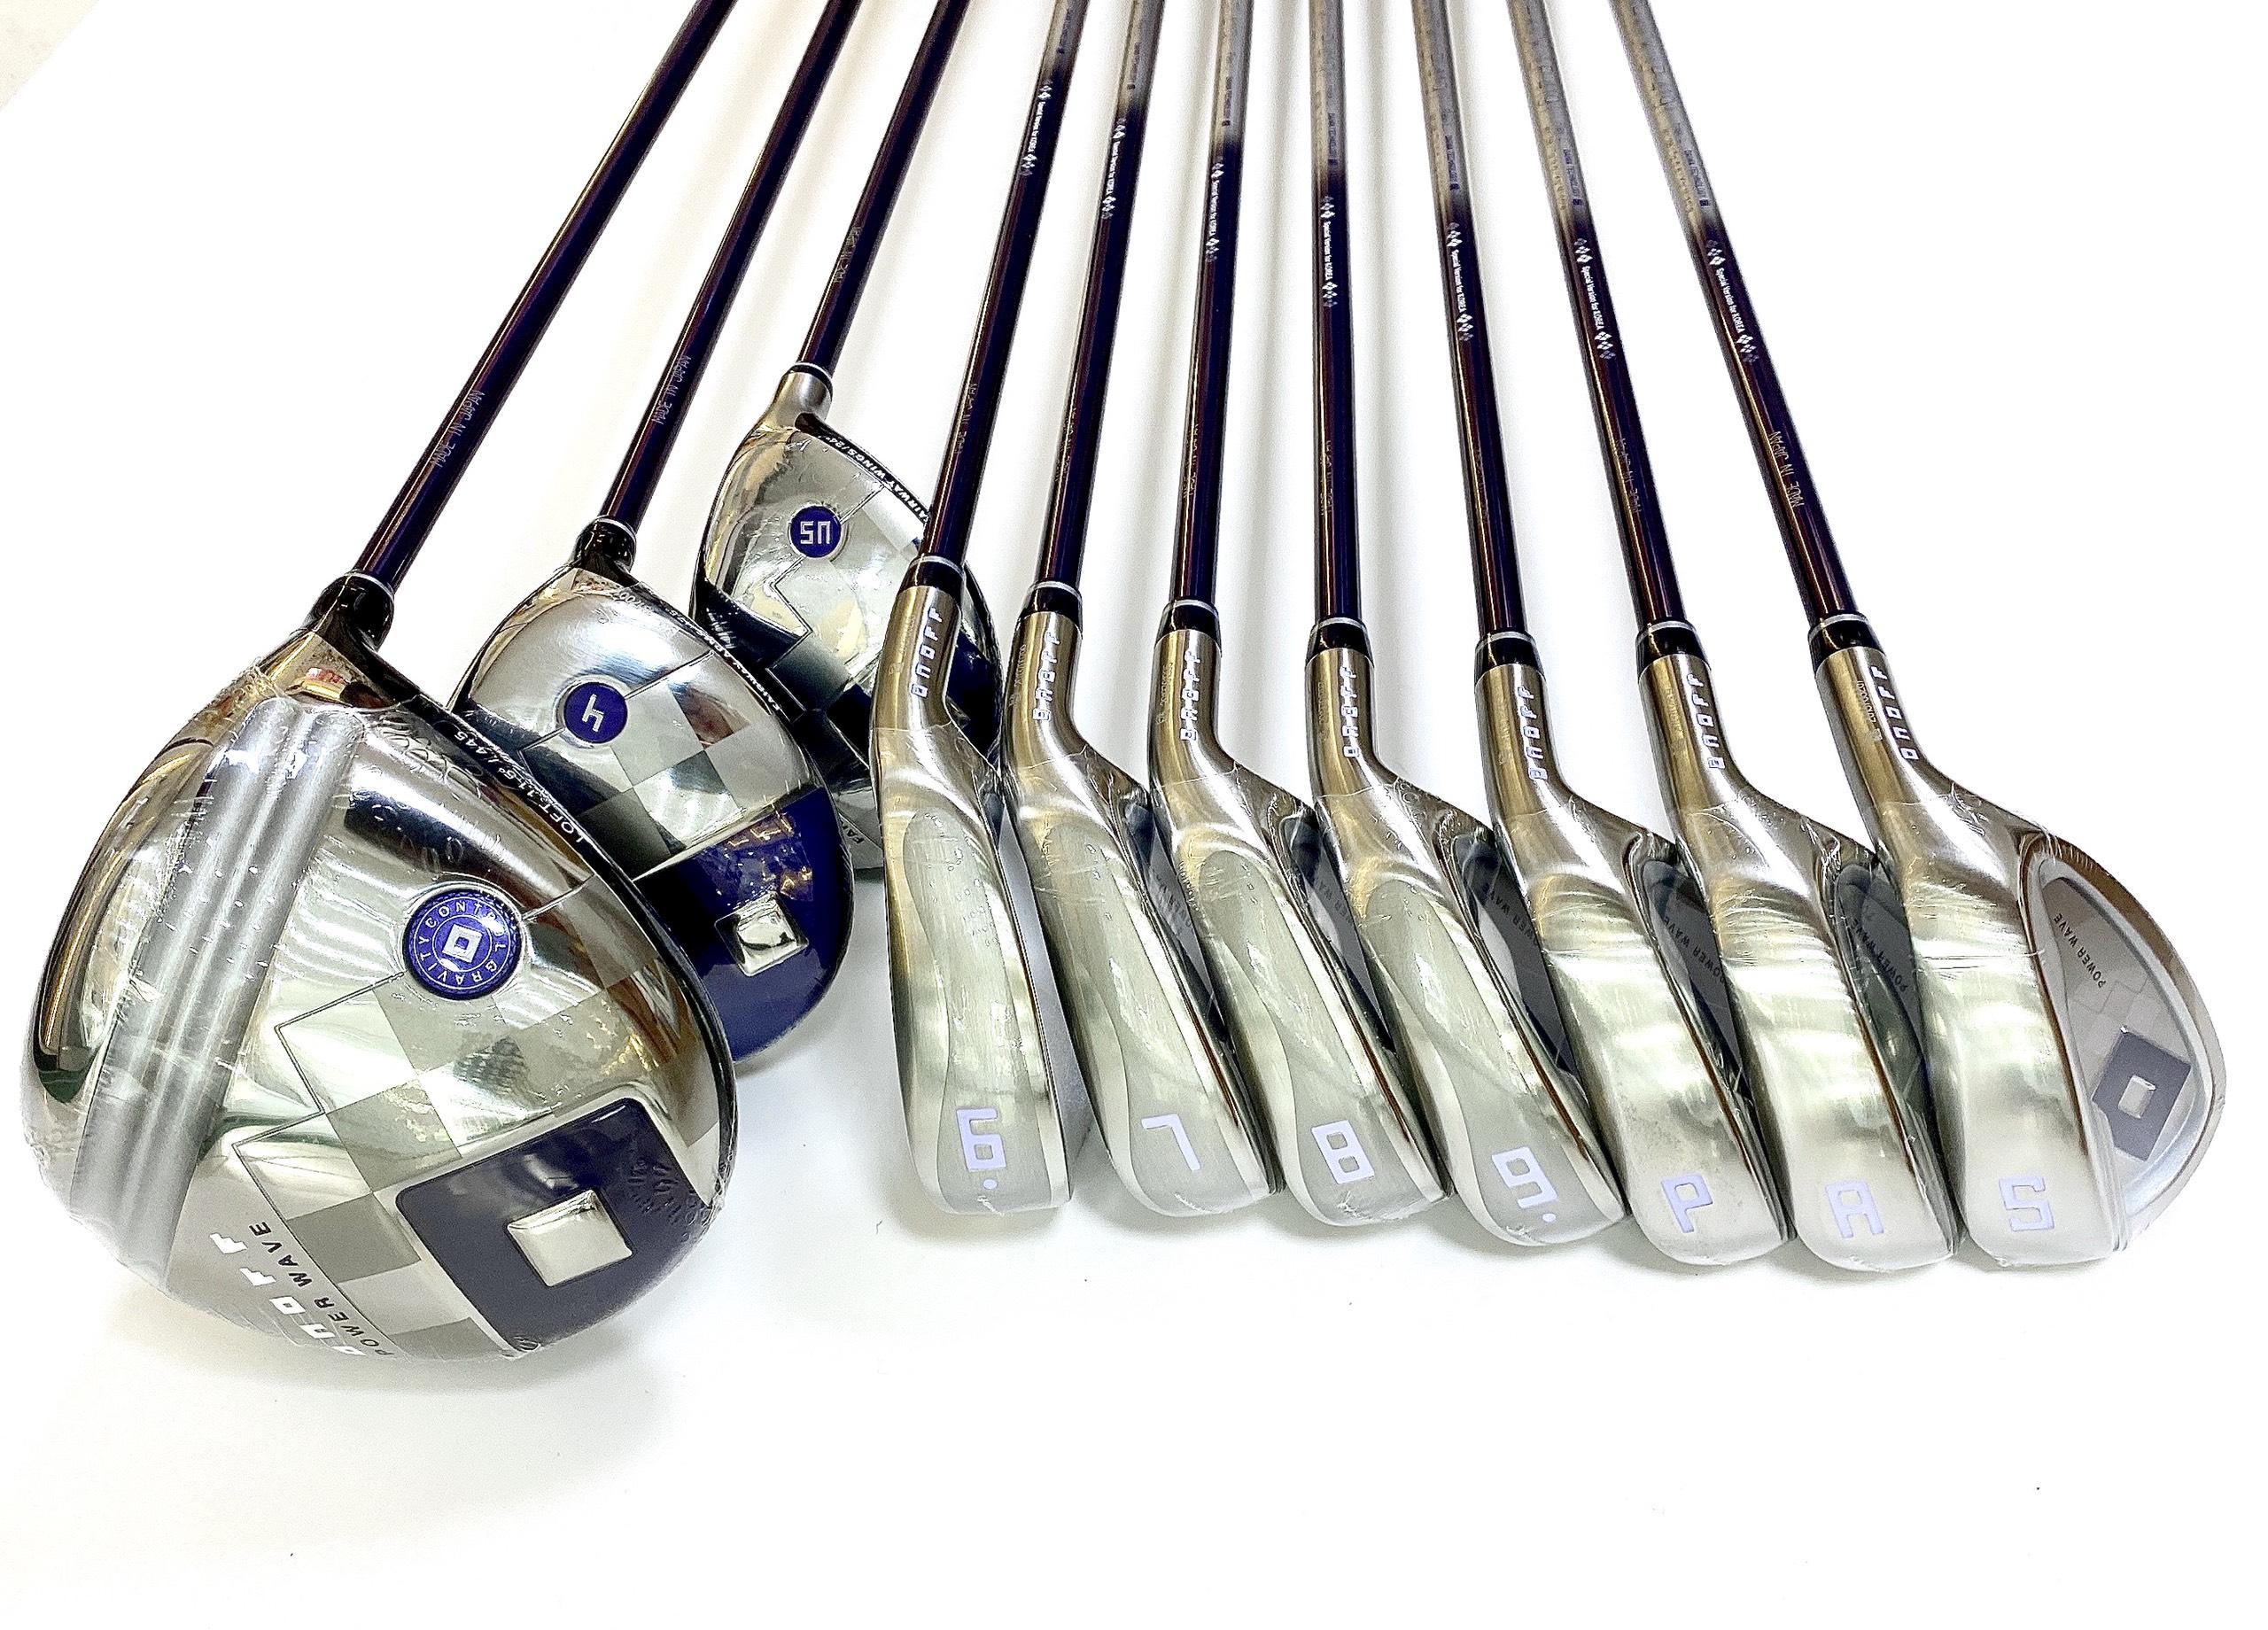 5 bộ gậy golf cực sang dành cho giới thượng lưu, loại đắt nhất giá gần 400 triệu đồng, hơn cả mức lương cả năm của người khác - Ảnh 2.